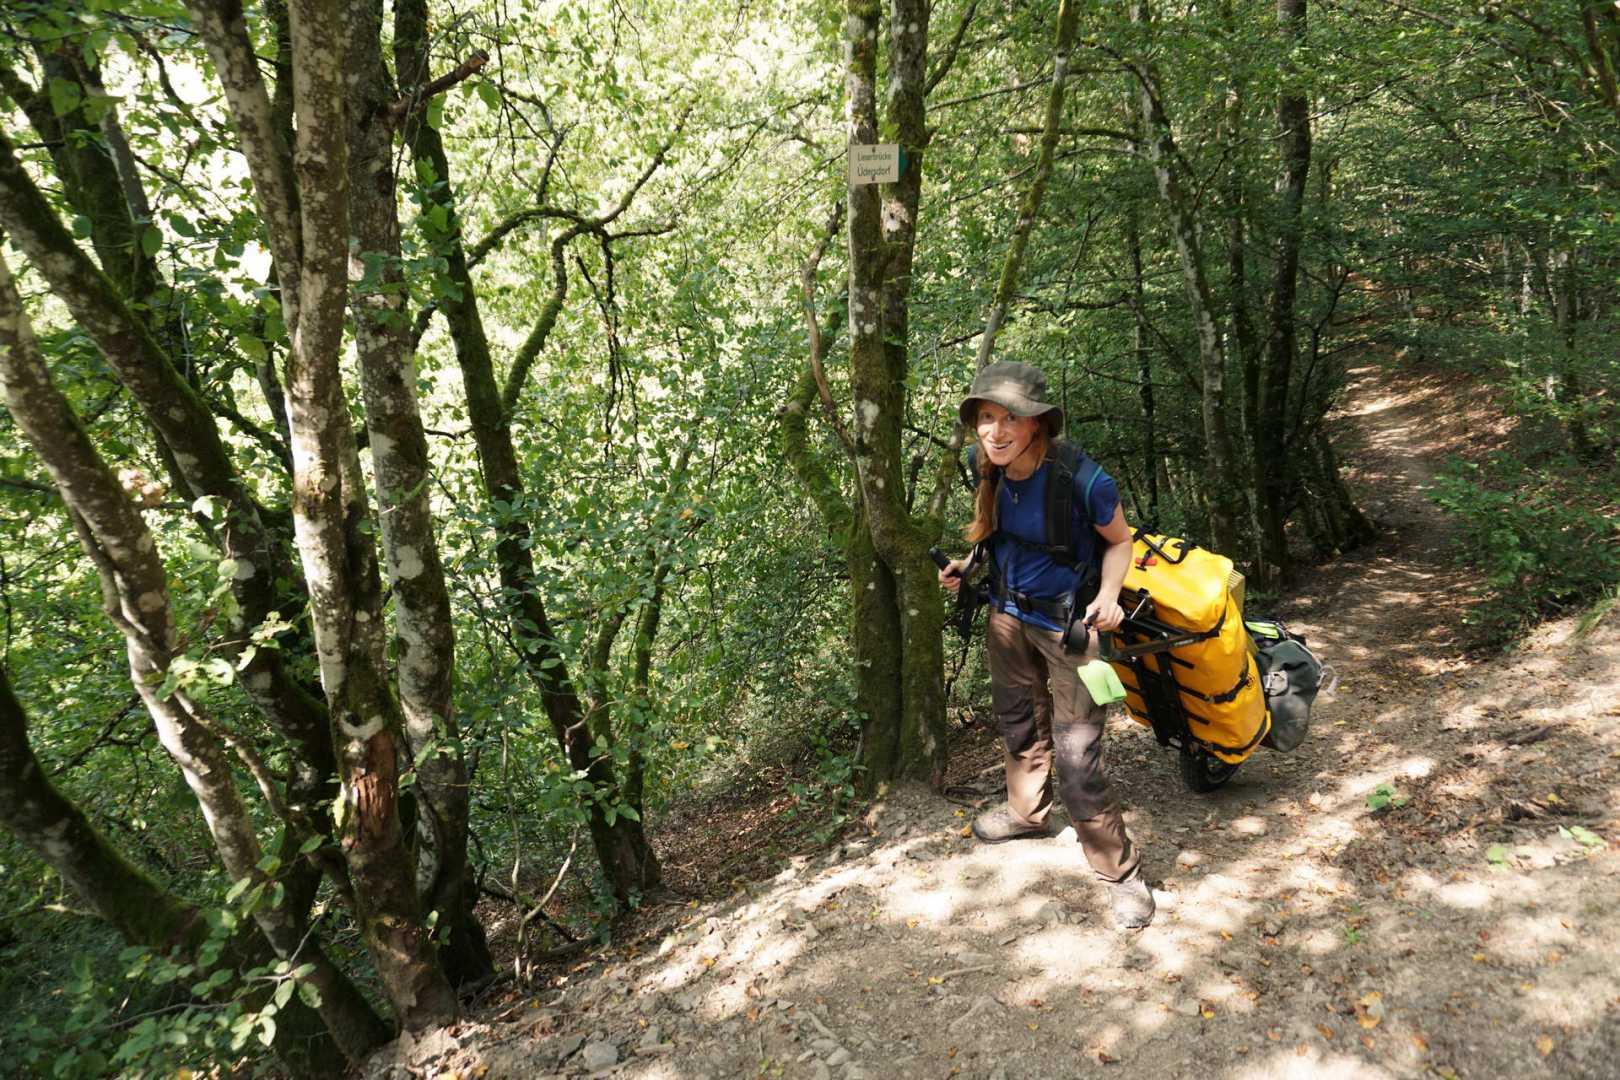 Jana geht mit dem Monowalker steil bergauf